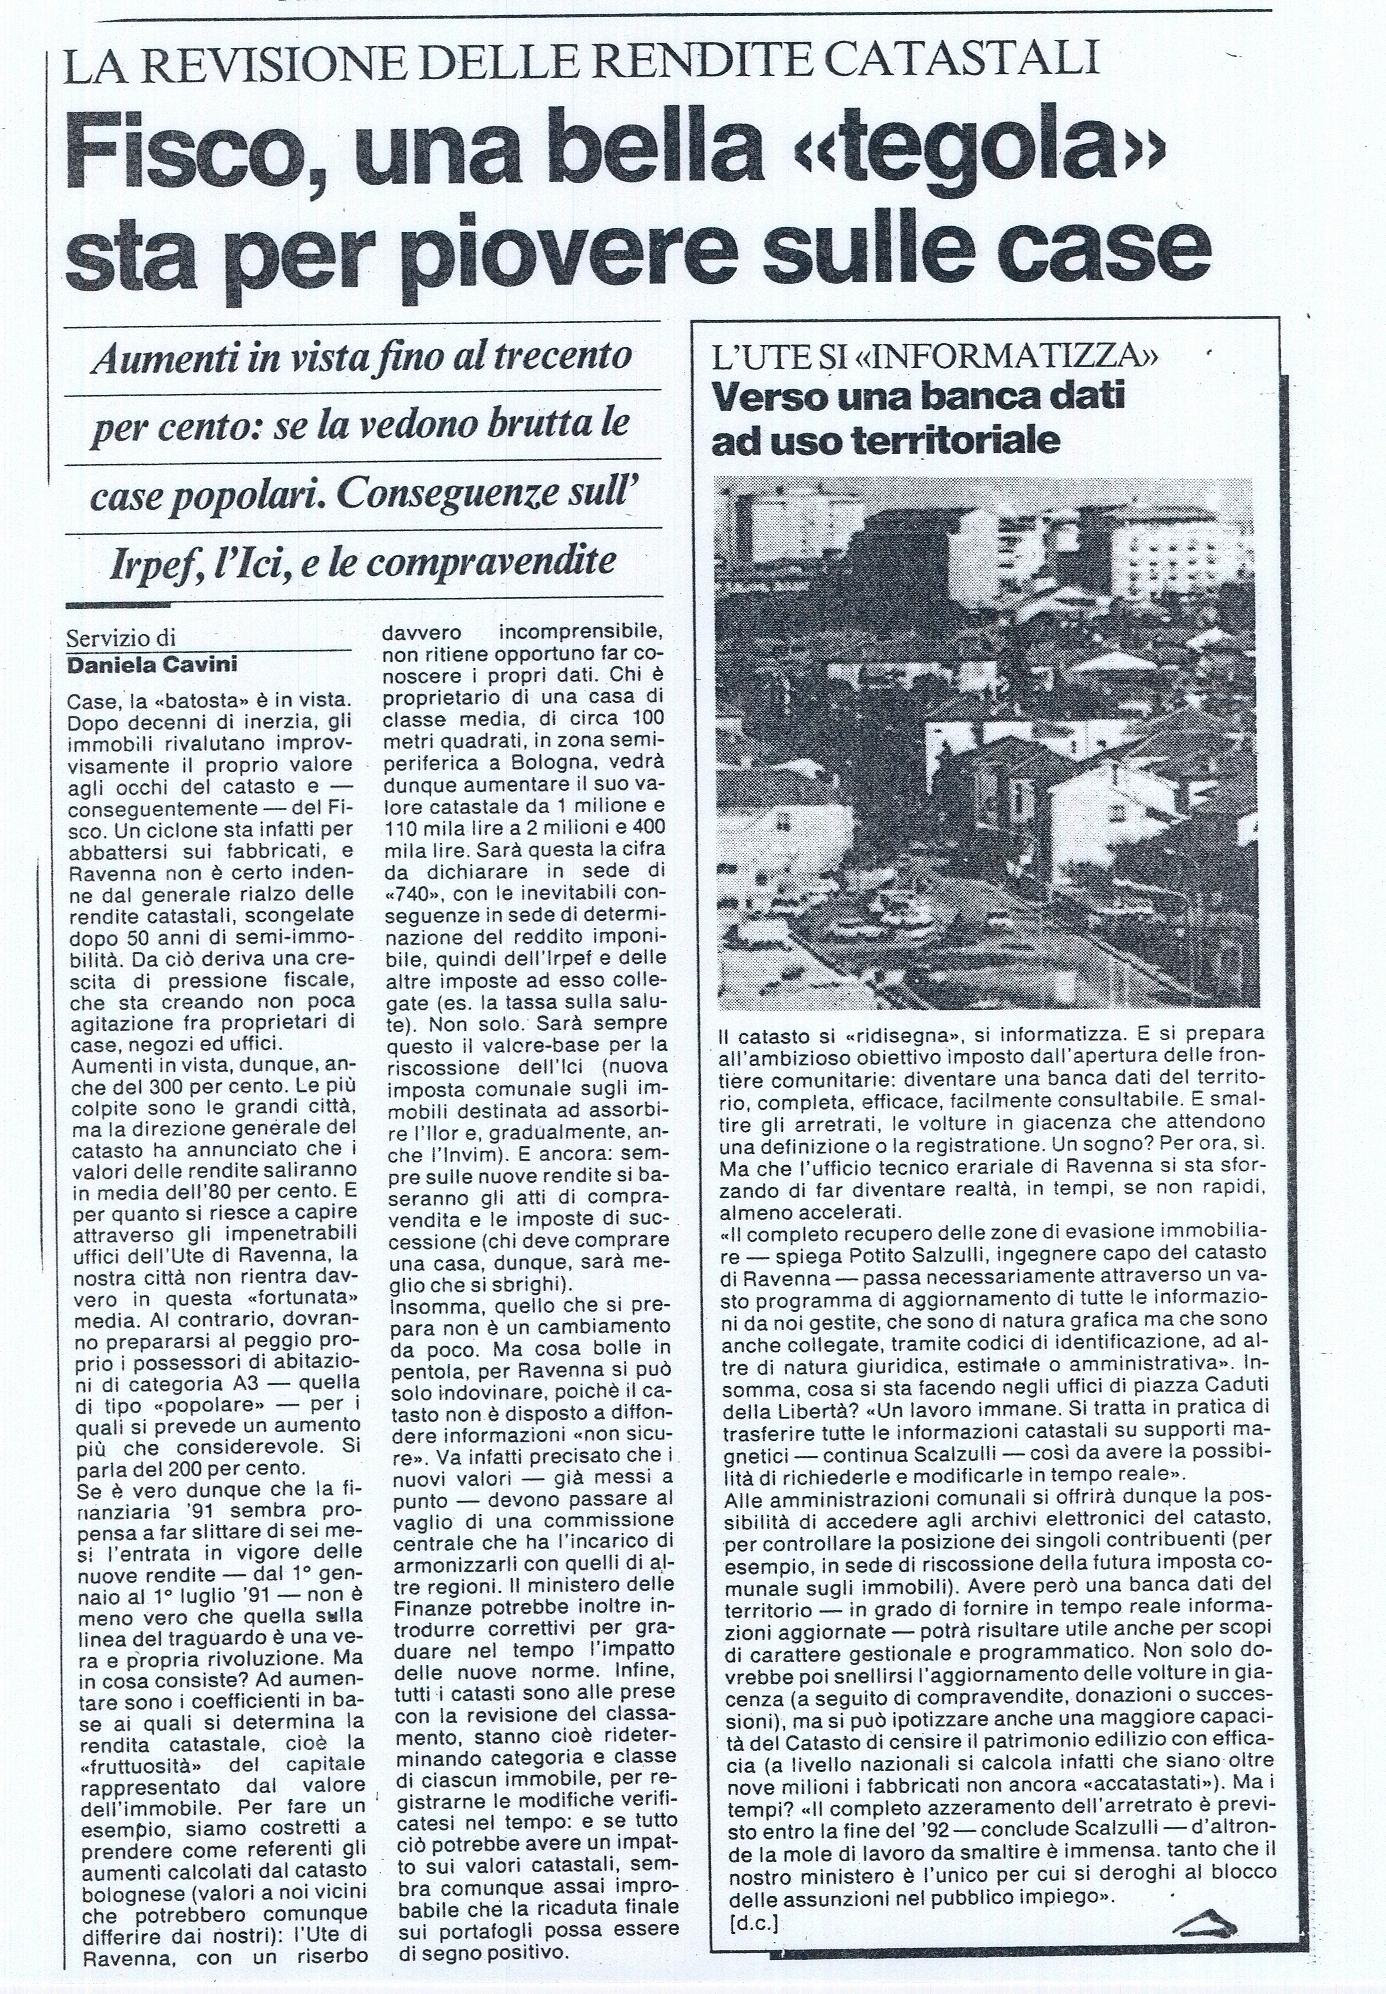 Fisco, una bella tegola 10-90